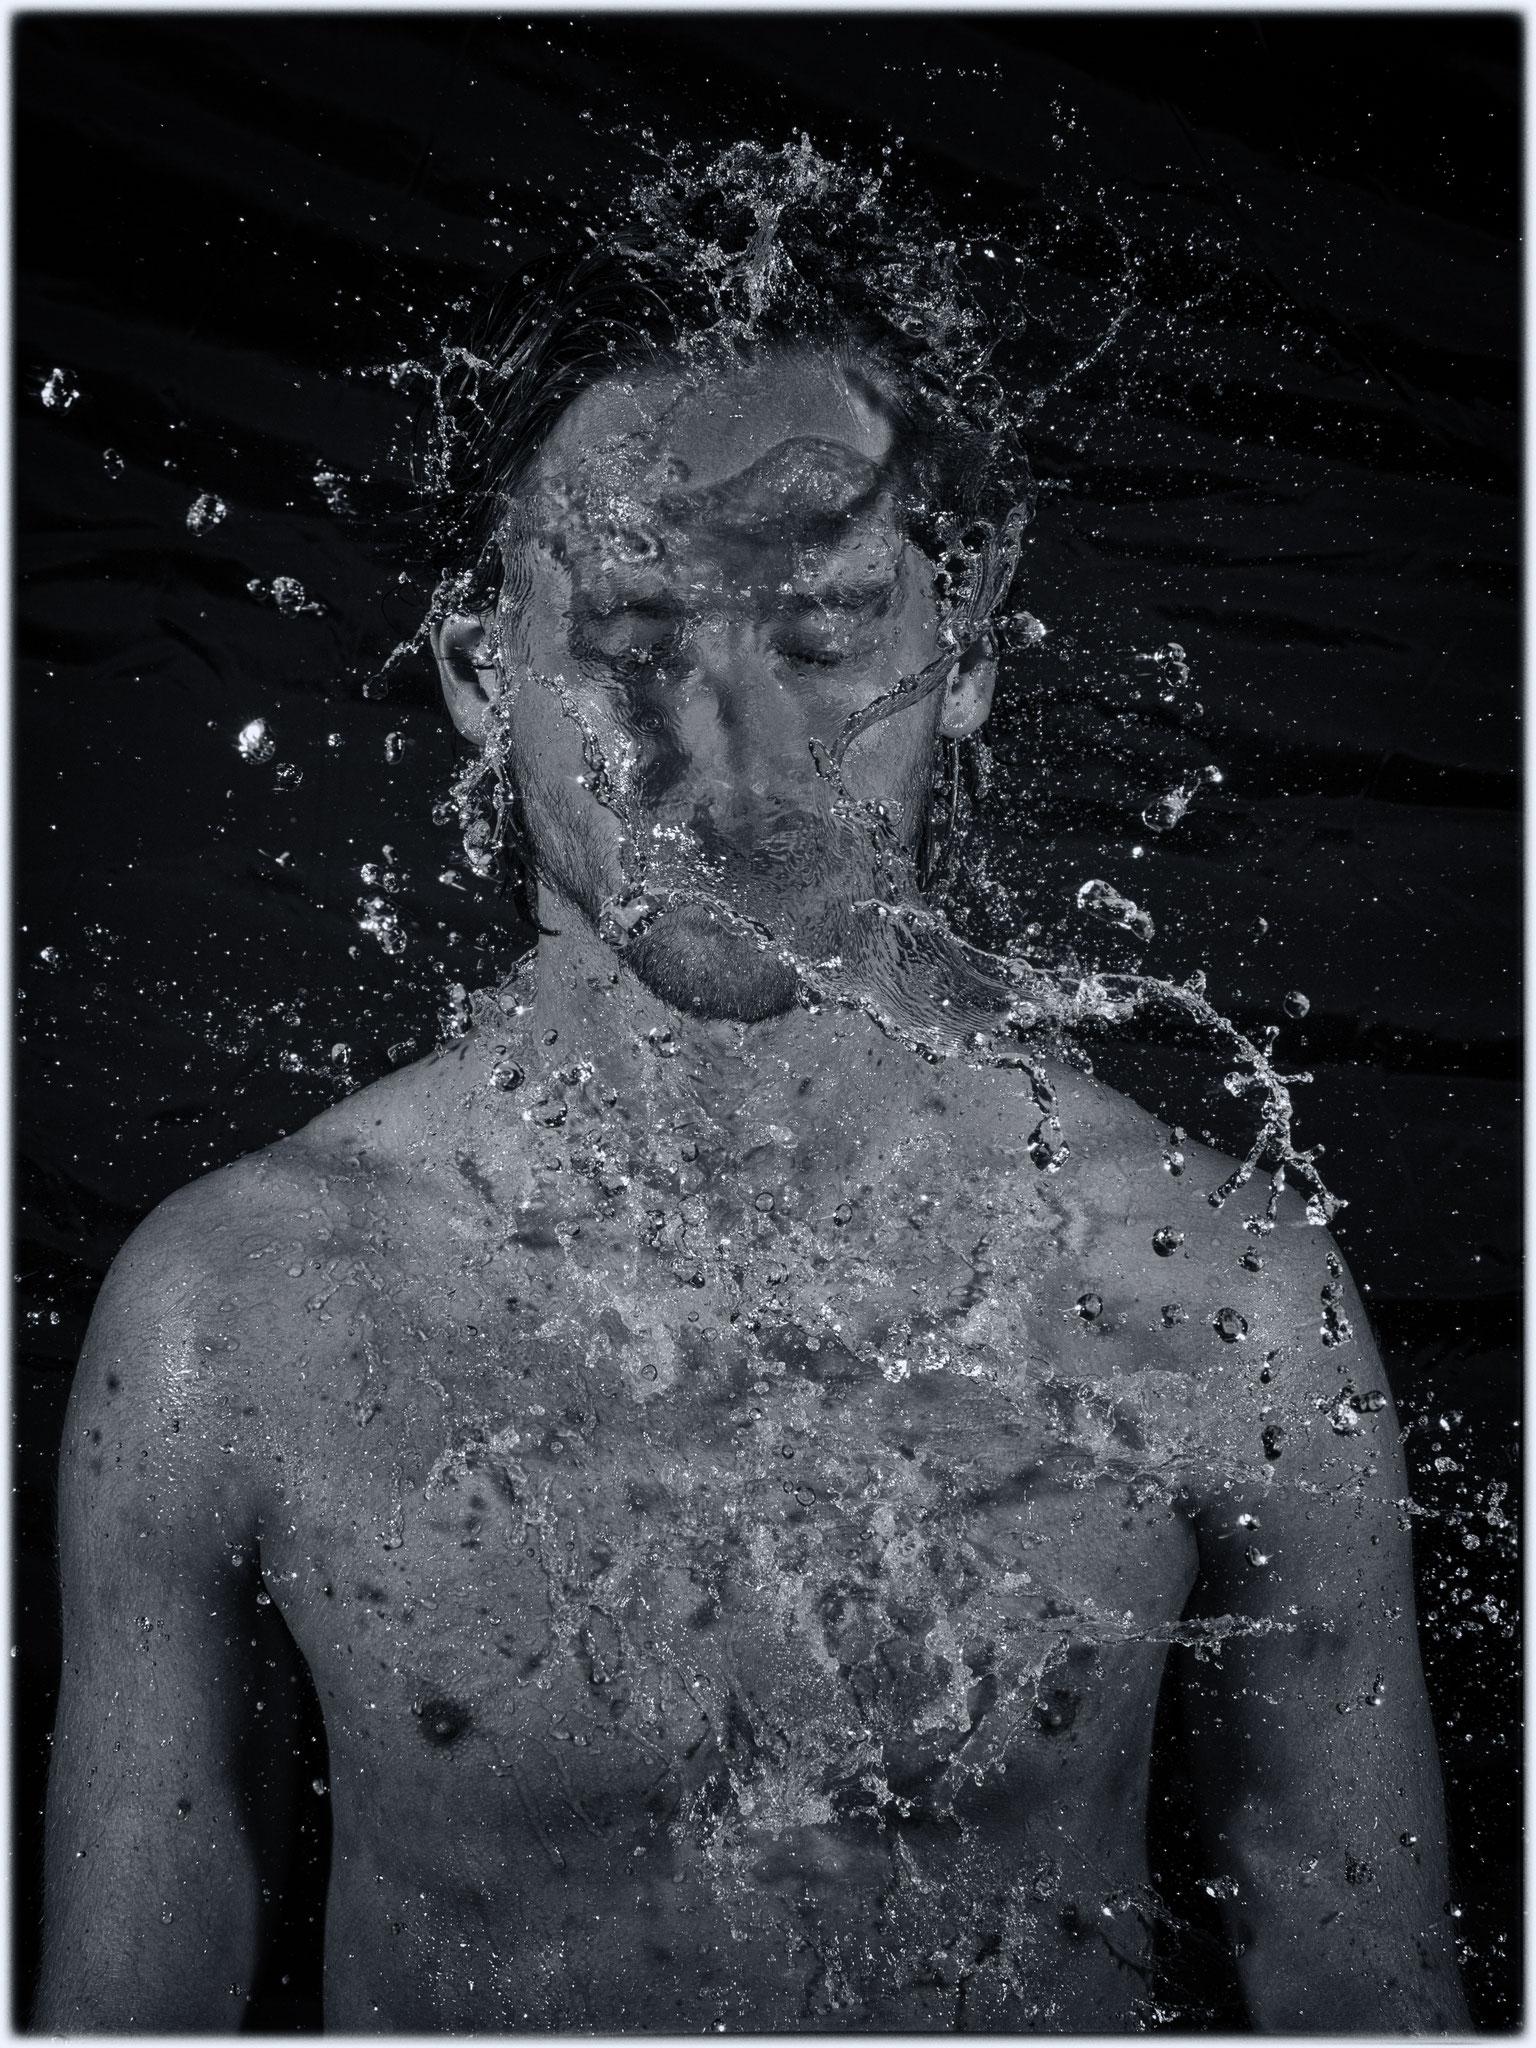 fotograaf Andre van Sloten